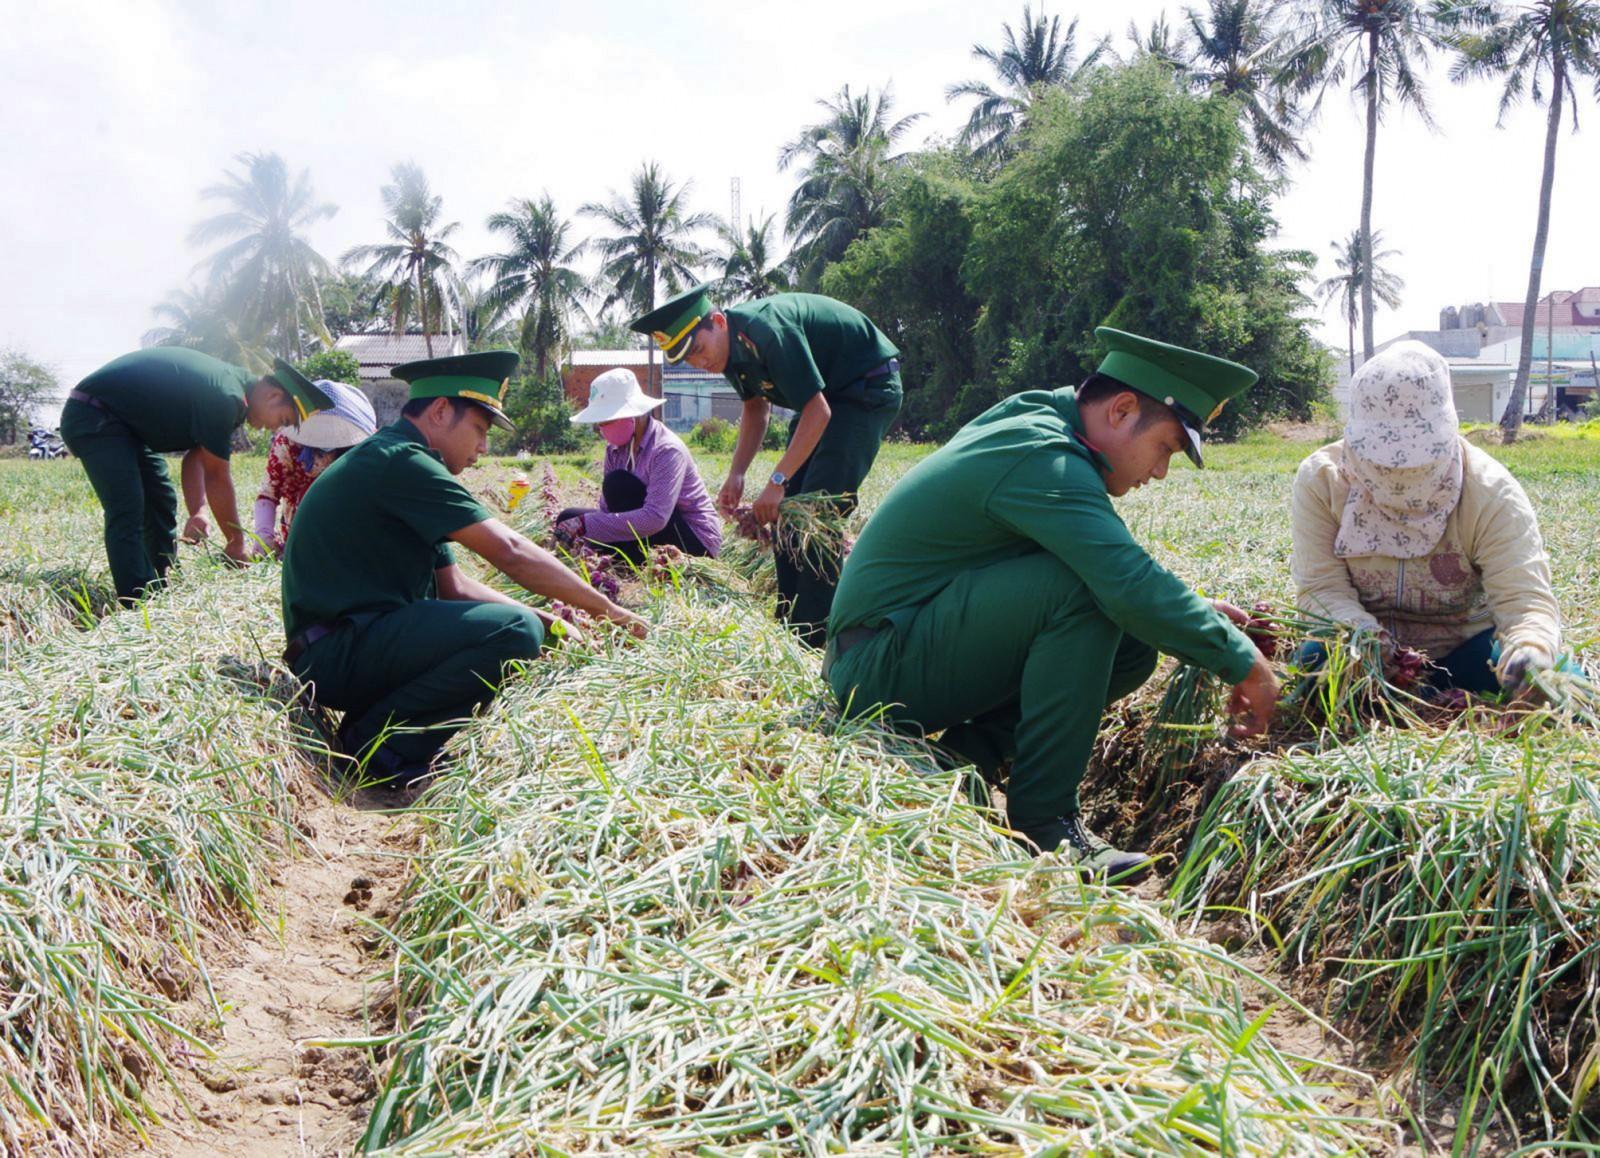 Cán bộ chiến sĩ Bộ đội Biên phòng Sóc Trăng giúp dân thu hoạch hành tím. Ảnh: VĂN LONG